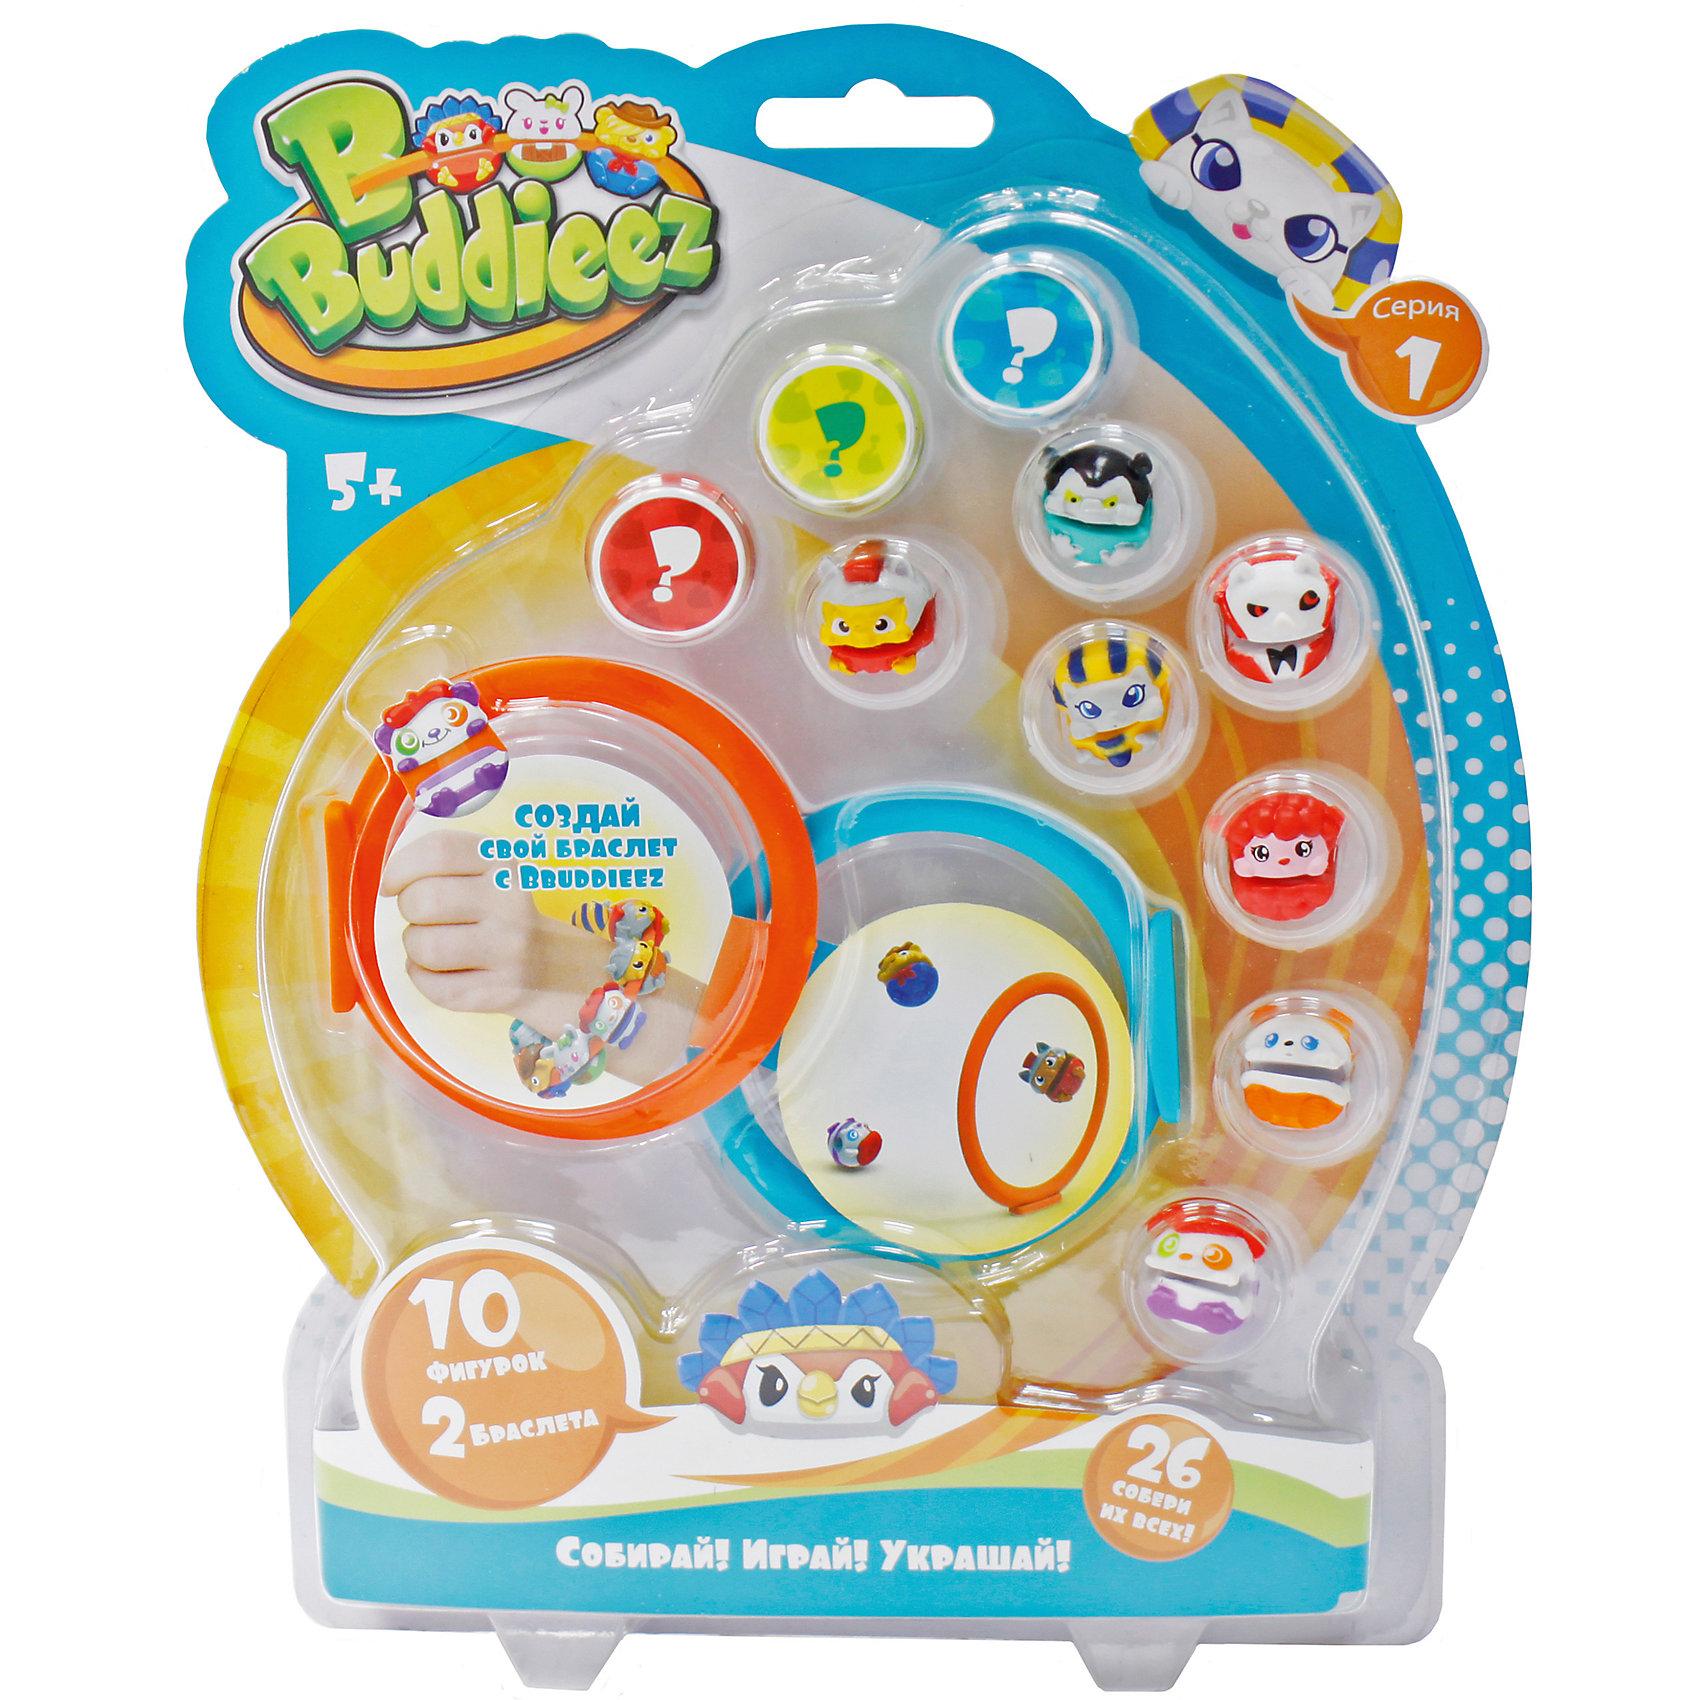 Набор Bbuddieez: 10 шармов-персонажа, 2 браслета, 1toyBbuddieez<br>Набор Bbuddieez: 10 шармов-персонажа, 2 браслета, 1toy (1 той).<br><br>Характеристики:<br><br>• Серия: Вокруг света;<br>• В наборе:<br>-монстрики-зверюшки - 10 шт.,<br>-карточка персонажа – 10 шт.,<br>-силиконовый браслет- 2шт.<br><br>BBuddieez – коллекционные монстрики-шармики для девочек и мальчиков 5-12 лет. Их можно прикреплять к браслетам, шнуркам, волосам, рюкзакам, на ручки и карандаши, на одежду. С монстриками можно придумать различные увлекательные игры, собирать и обмениваться с друзьями. <br>В набор входит 2 силиконовых браслета, 10 монстриков (в ассортименте) и 10 карточек. Собери всю коллекцию!<br><br>Набор Bbuddieez: 10 шармов-персонажа, 2 браслета, 1toy (1 той), можно купить в нашем интернет- магазине.<br><br>Ширина мм: 190<br>Глубина мм: 30<br>Высота мм: 235<br>Вес г: 122<br>Возраст от месяцев: 60<br>Возраст до месяцев: 192<br>Пол: Унисекс<br>Возраст: Детский<br>SKU: 5154268